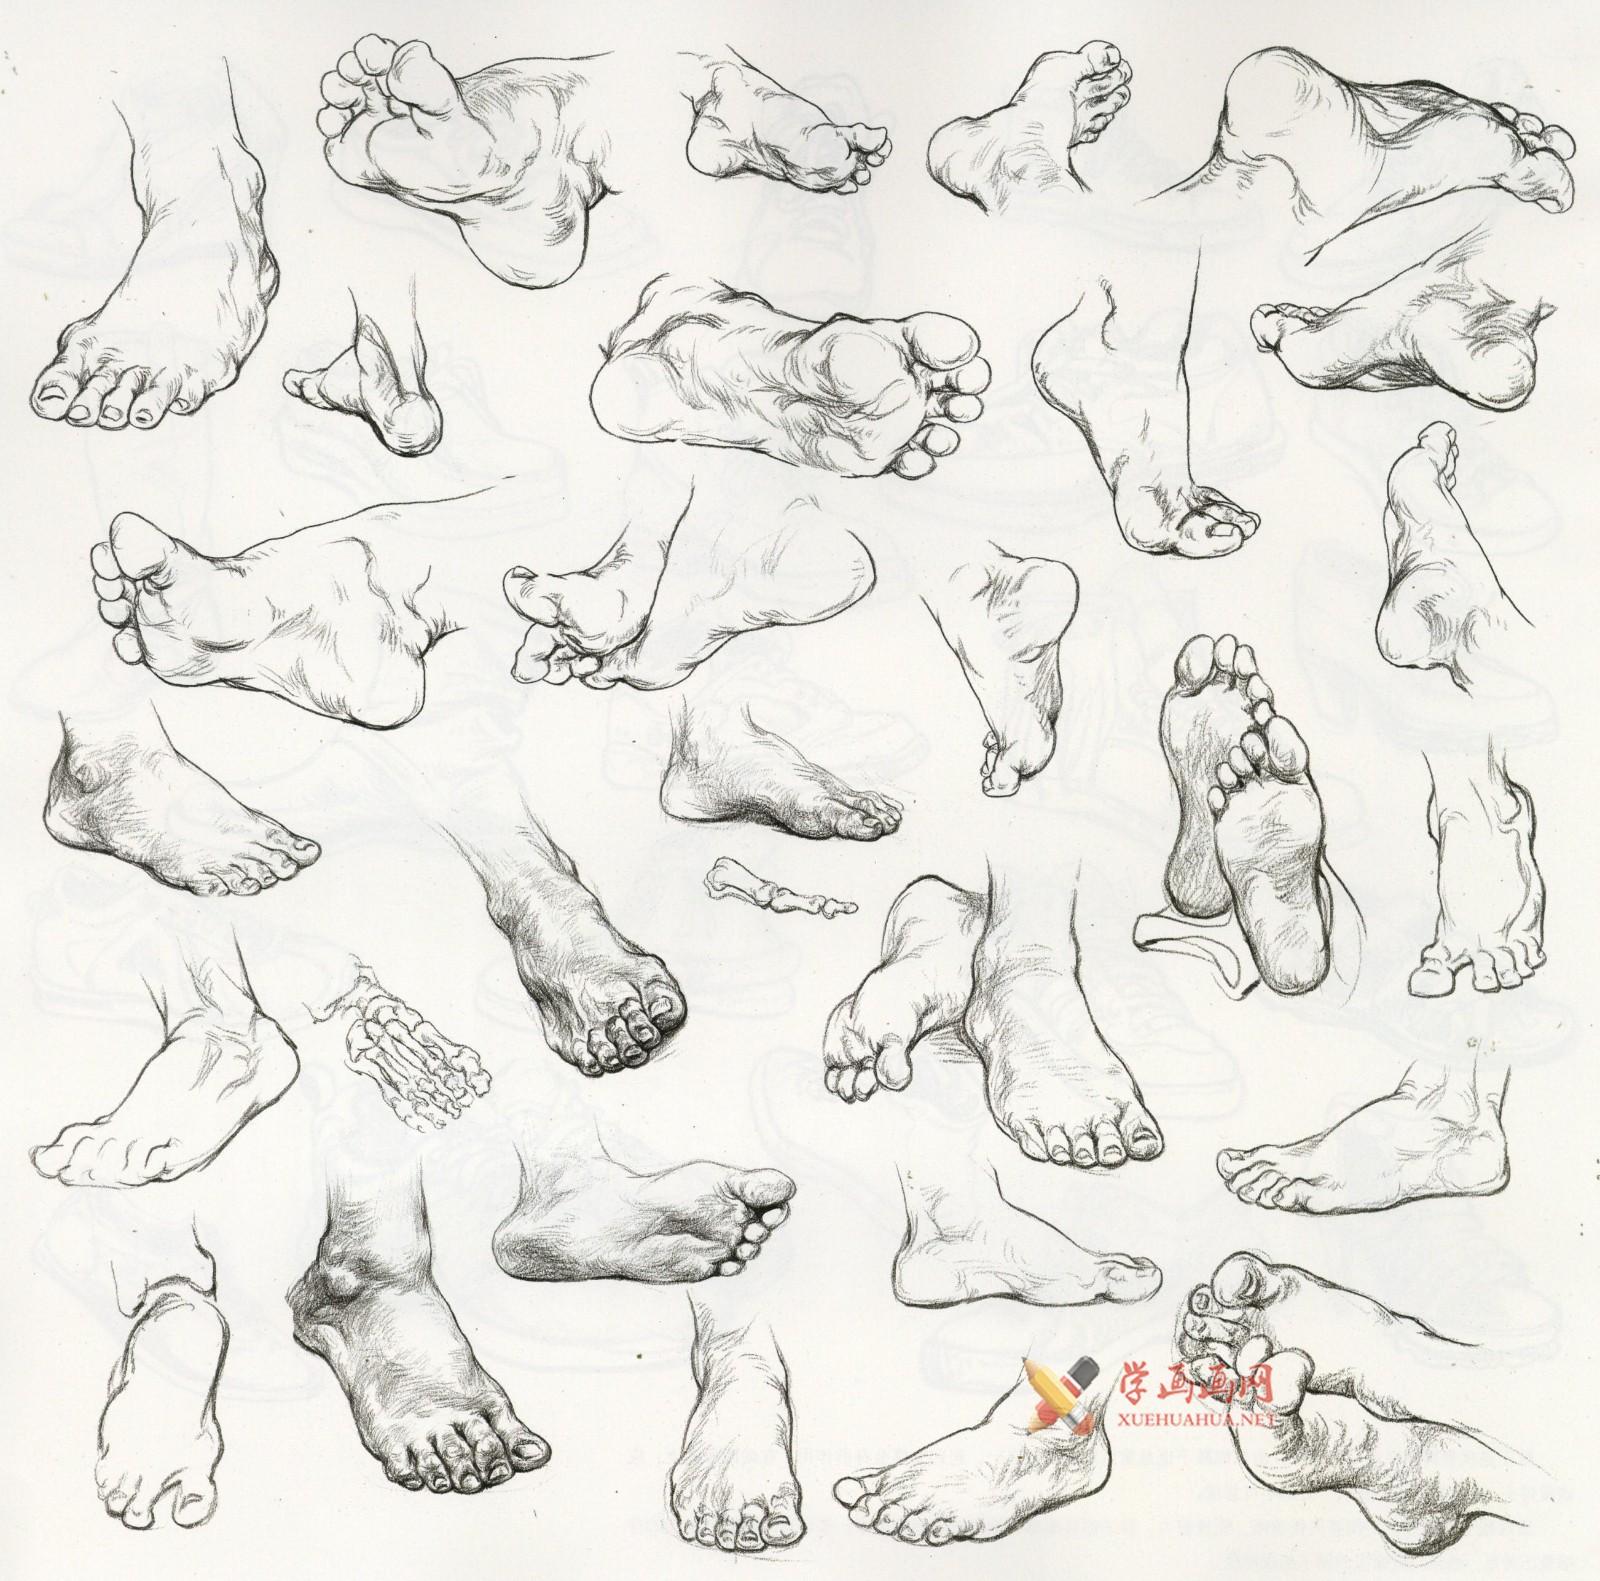 怎么画速写脚?速写脚的画法讲解及各角度脚的速写画法临摹范画(3)